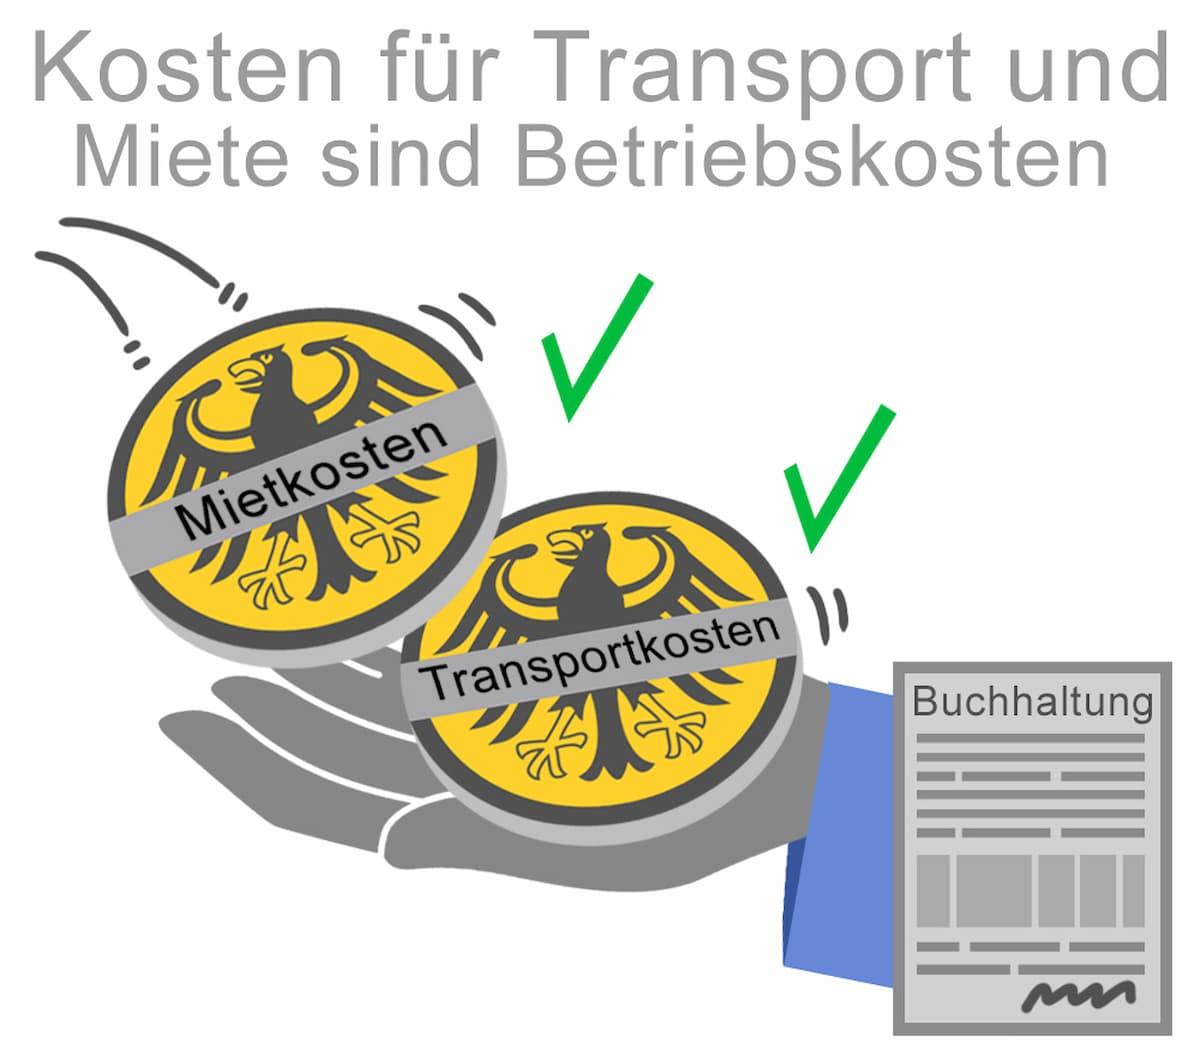 Kosten für Miete und Transport sind Betriebskosten